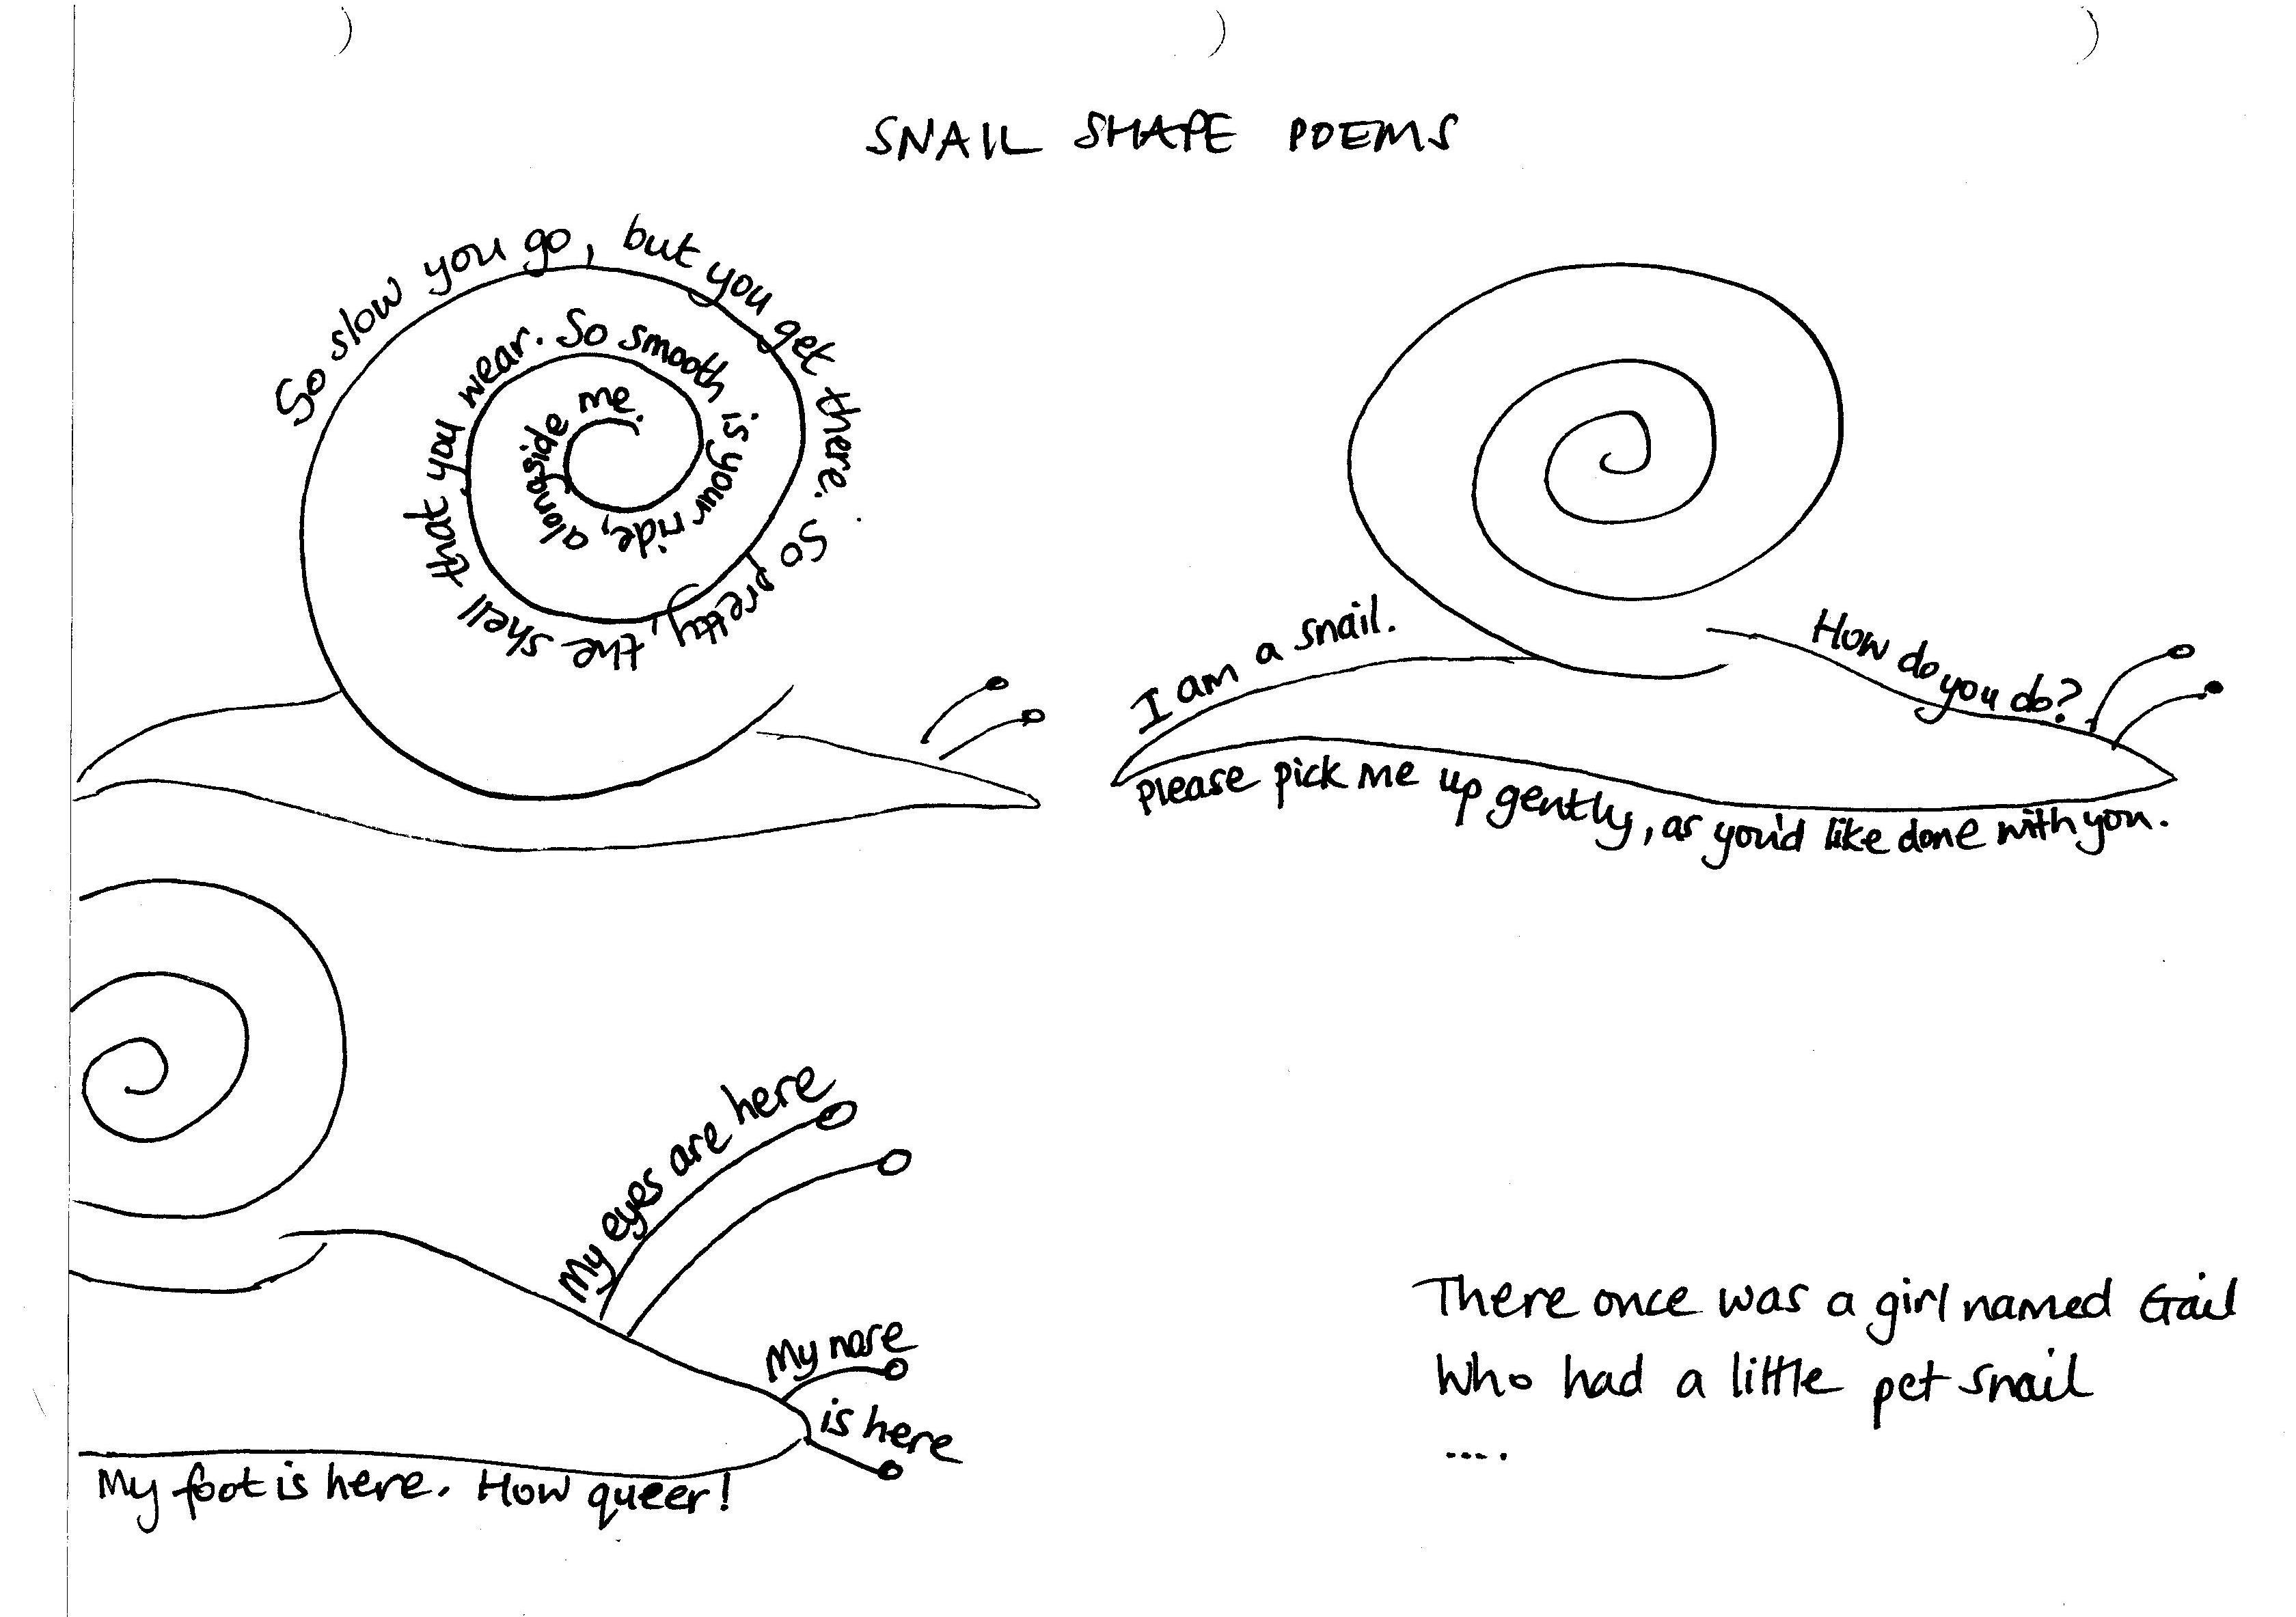 snail_poem jpg